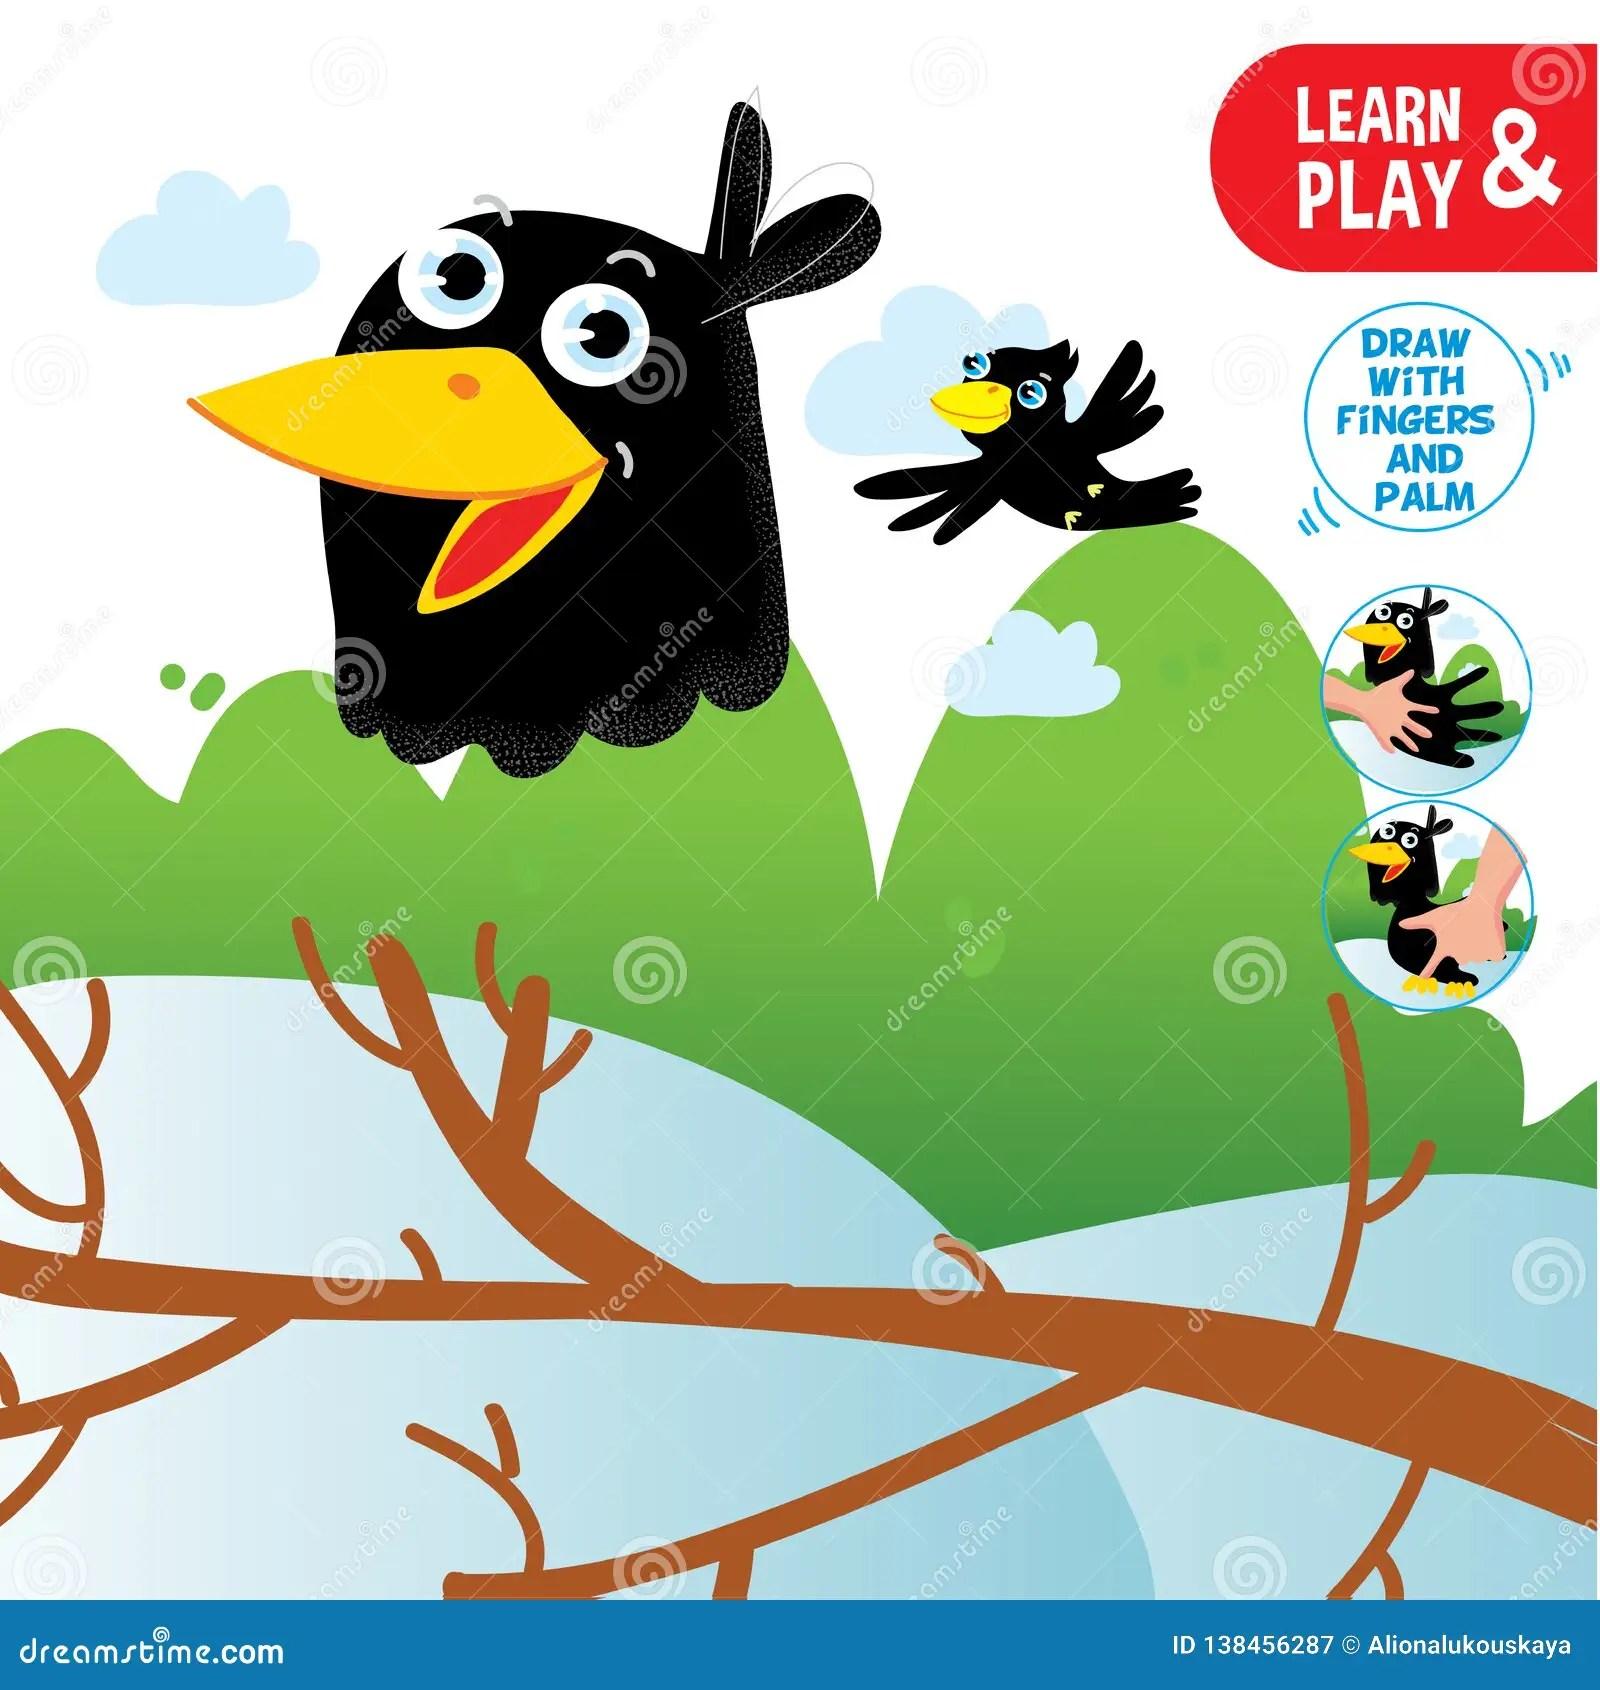 Drawing Tutorial For Preschool Children Cartoon Vector